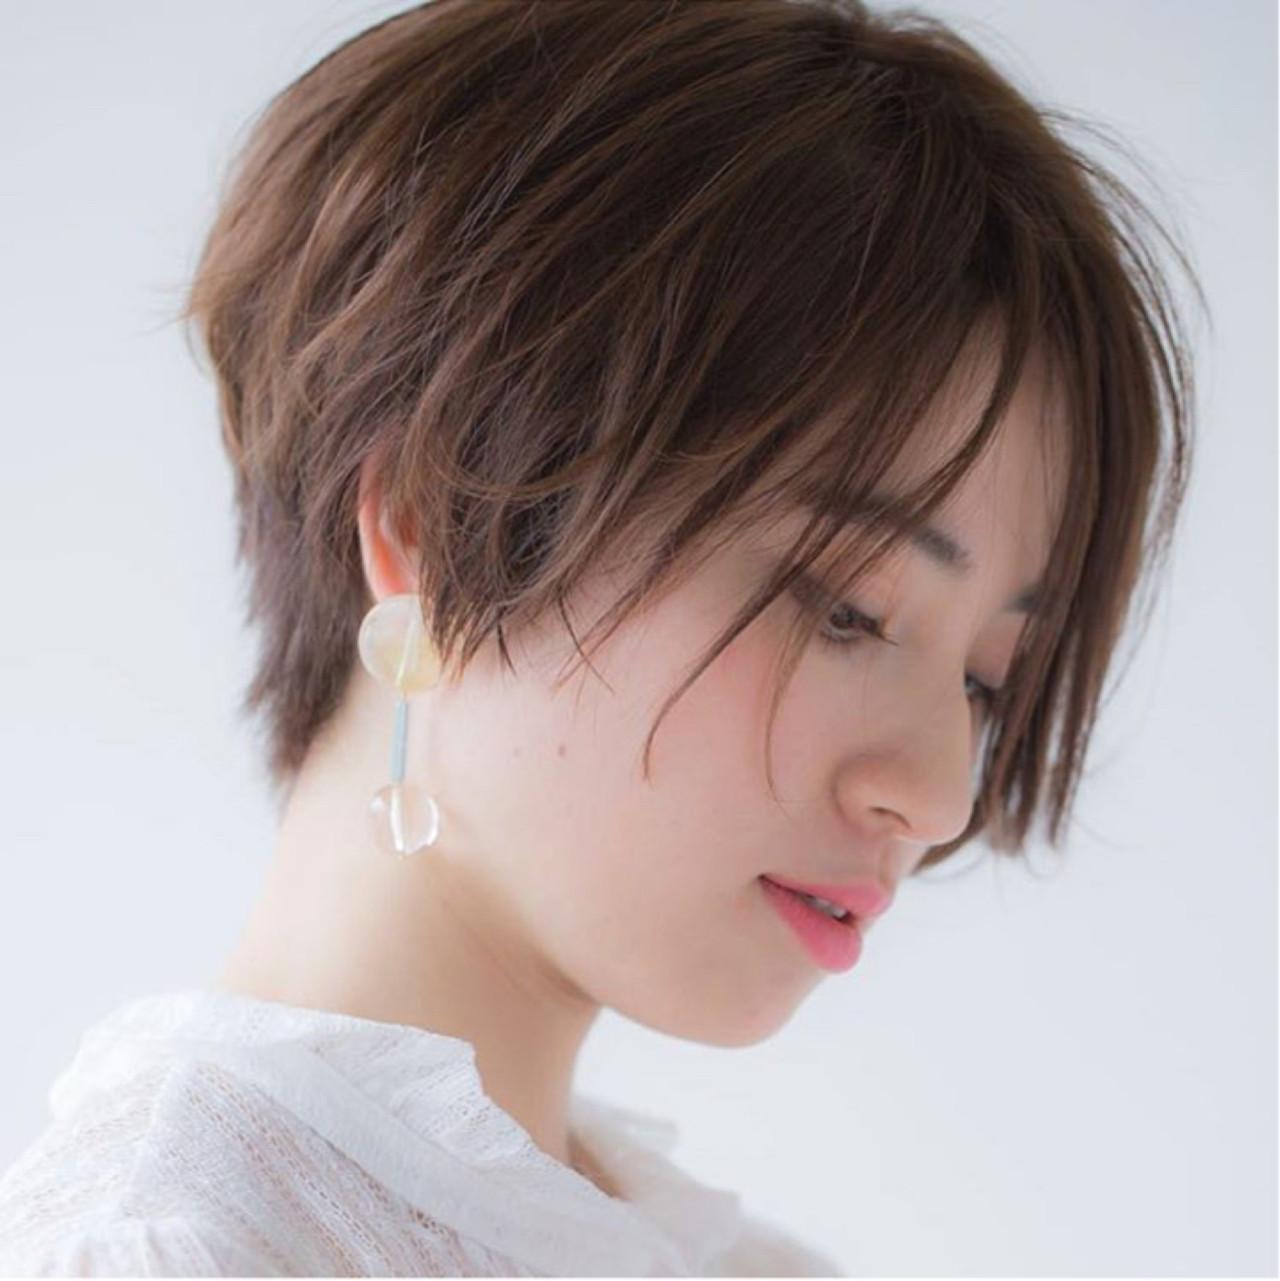 前髪あり 小顔 ジェンダーレス 大人女子 ヘアスタイルや髪型の写真・画像   菅沼宏恵 /